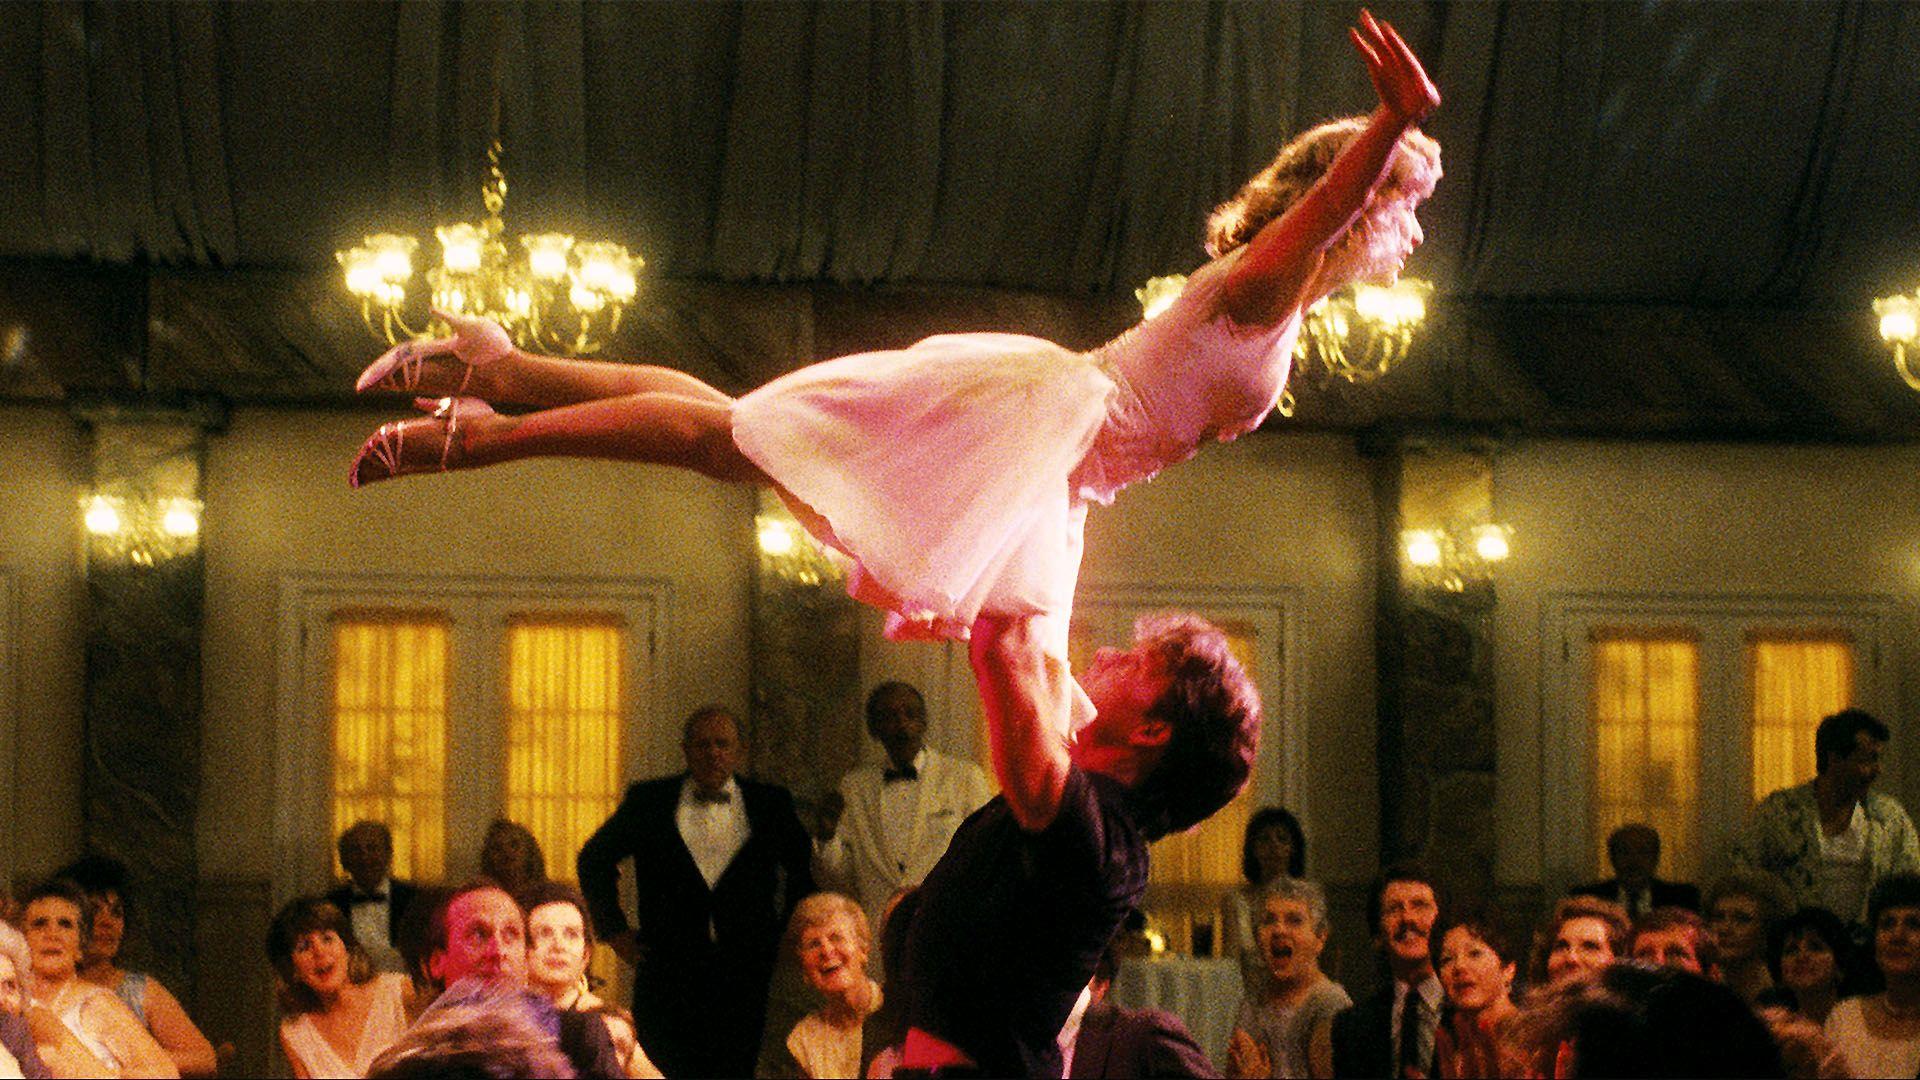 Új Dirty Dancing film érkezik Jennifer Grey főszereplésével